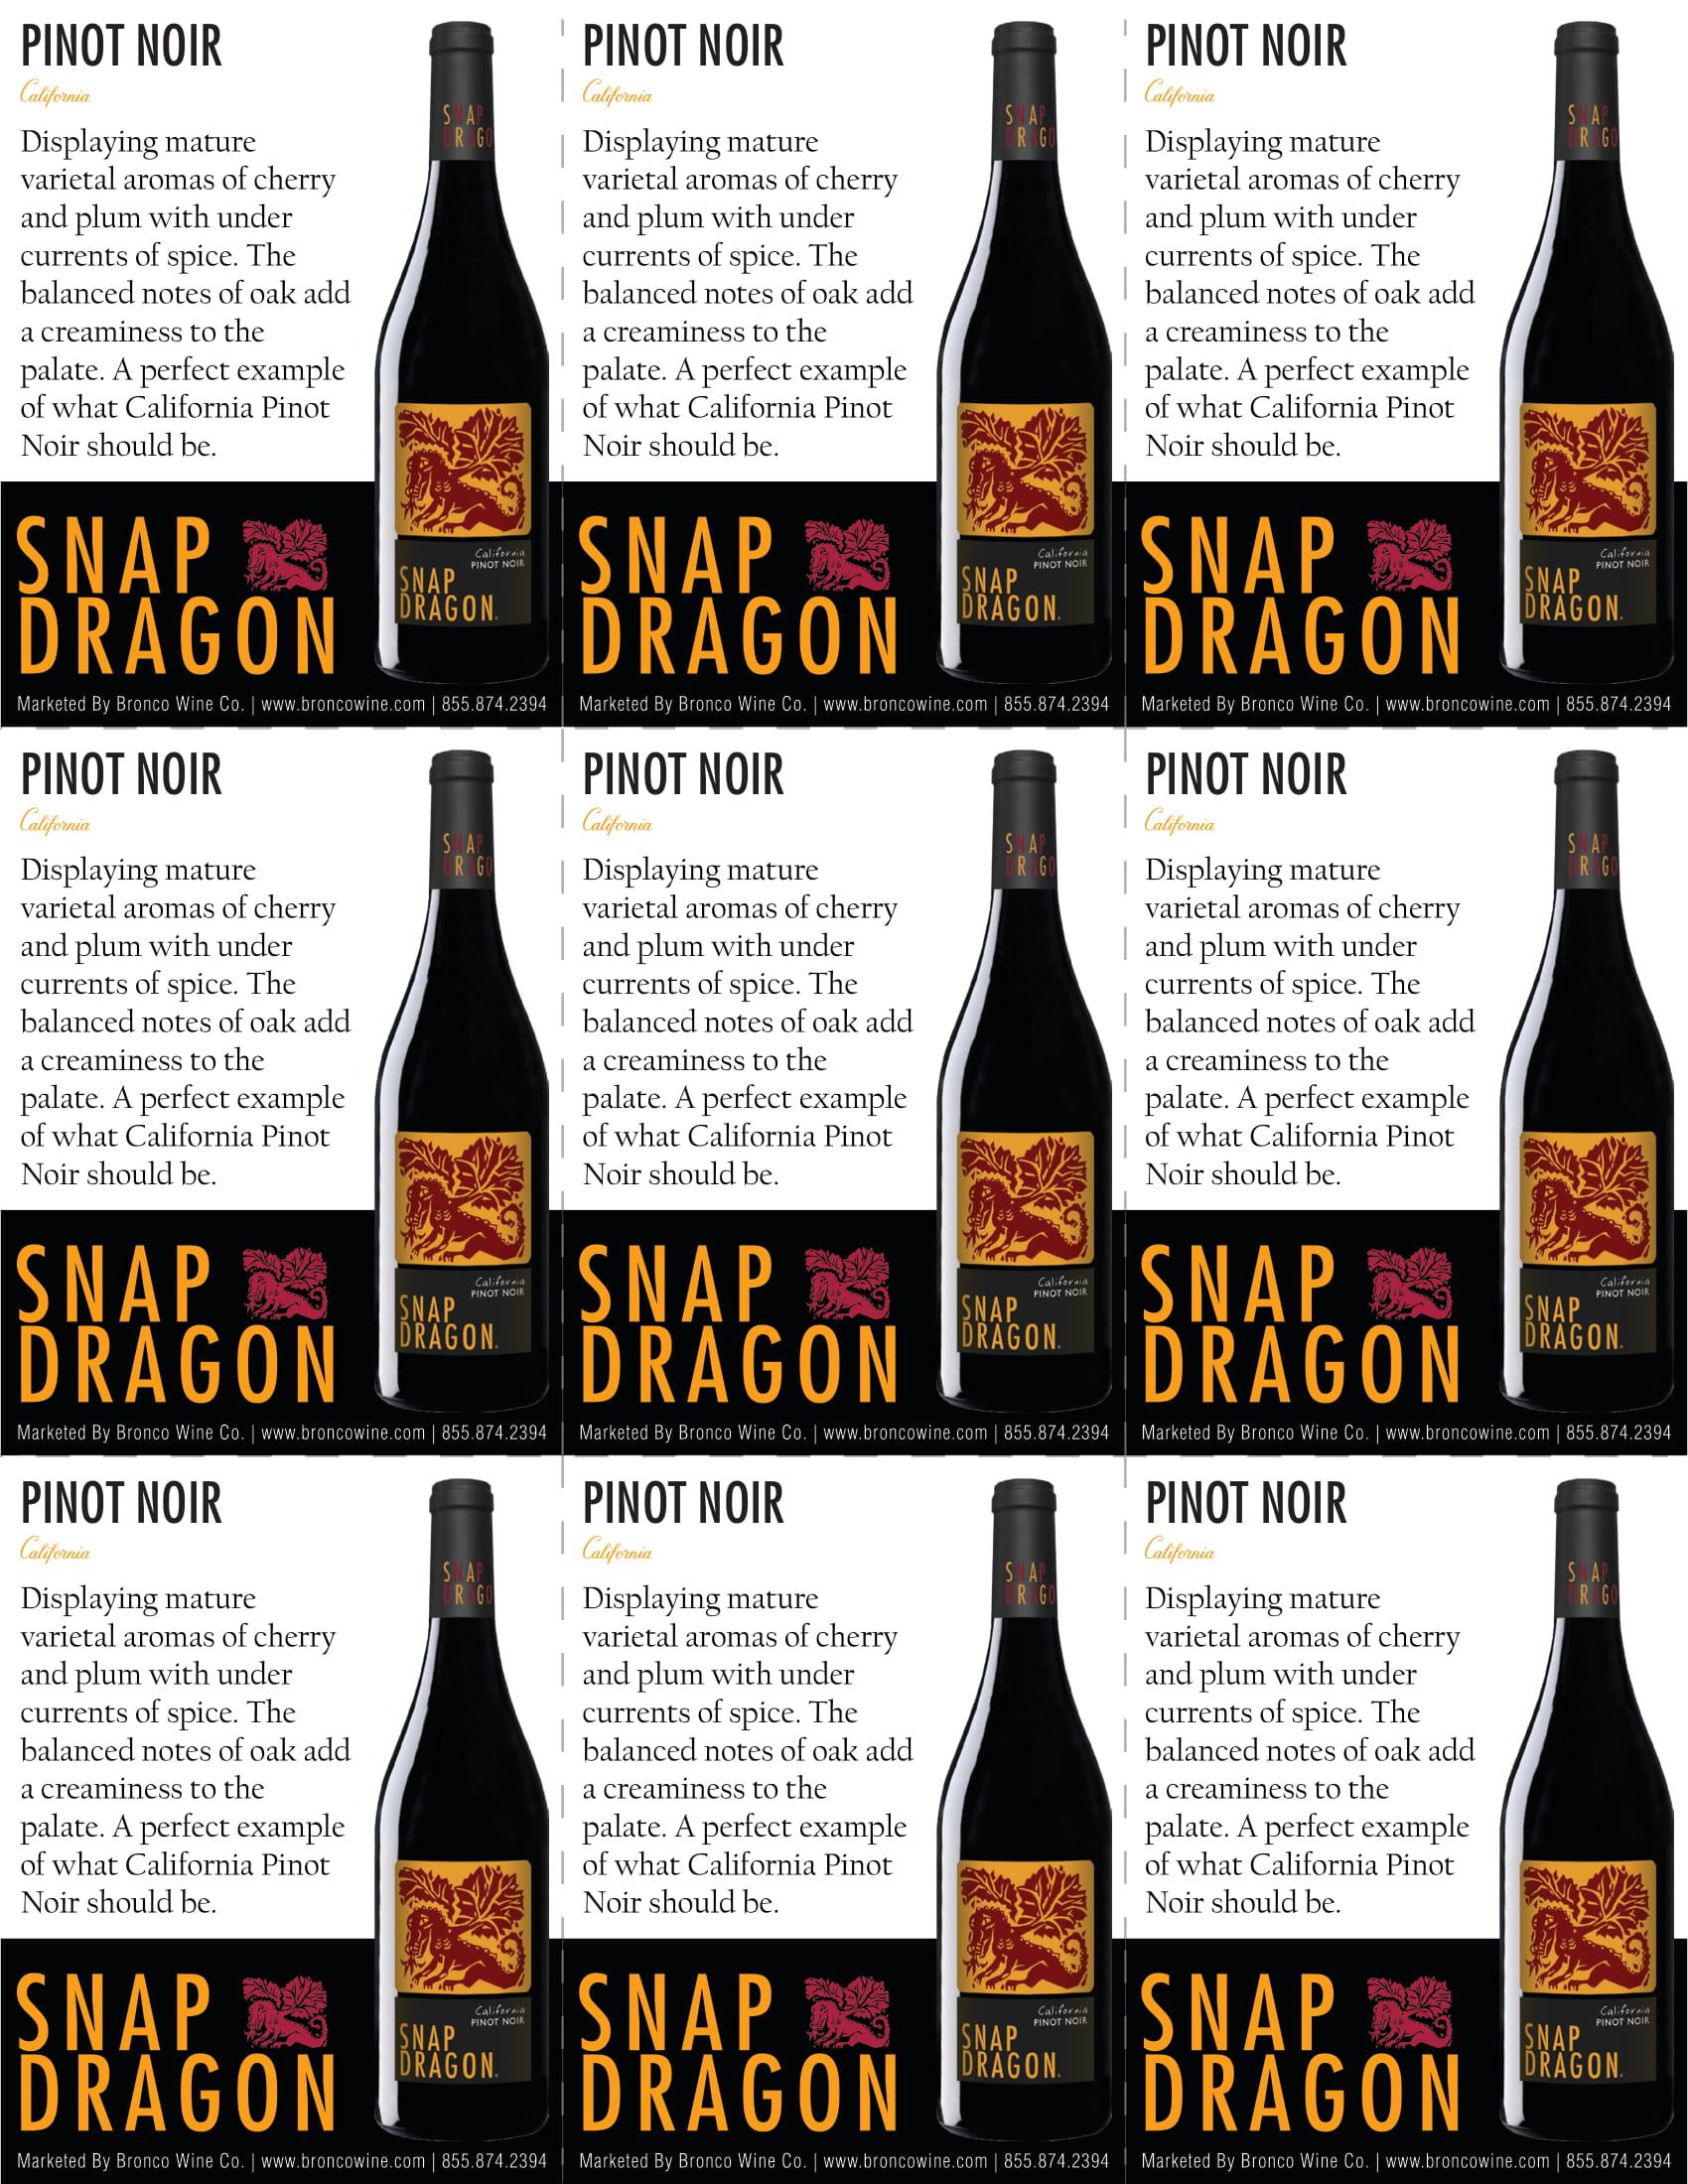 Snap Dragon Pinot Noir Shelf Talker